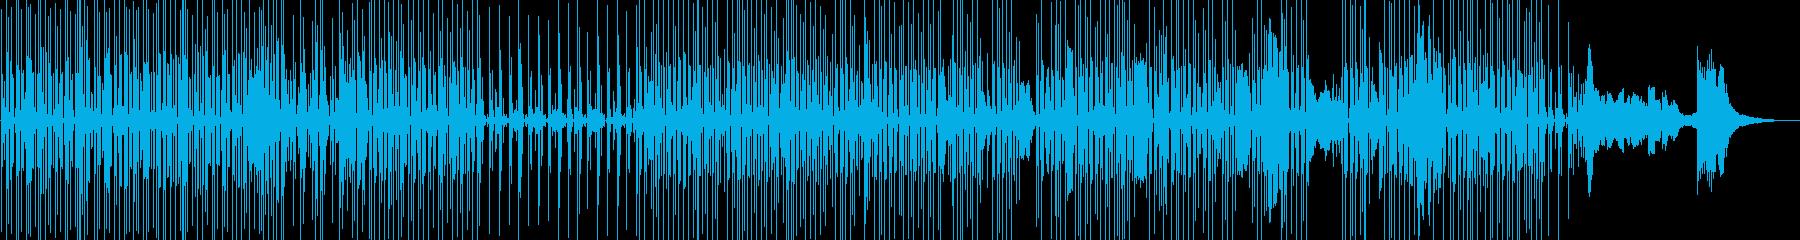 劇伴 ファニーなミニマルドラムテクノの再生済みの波形